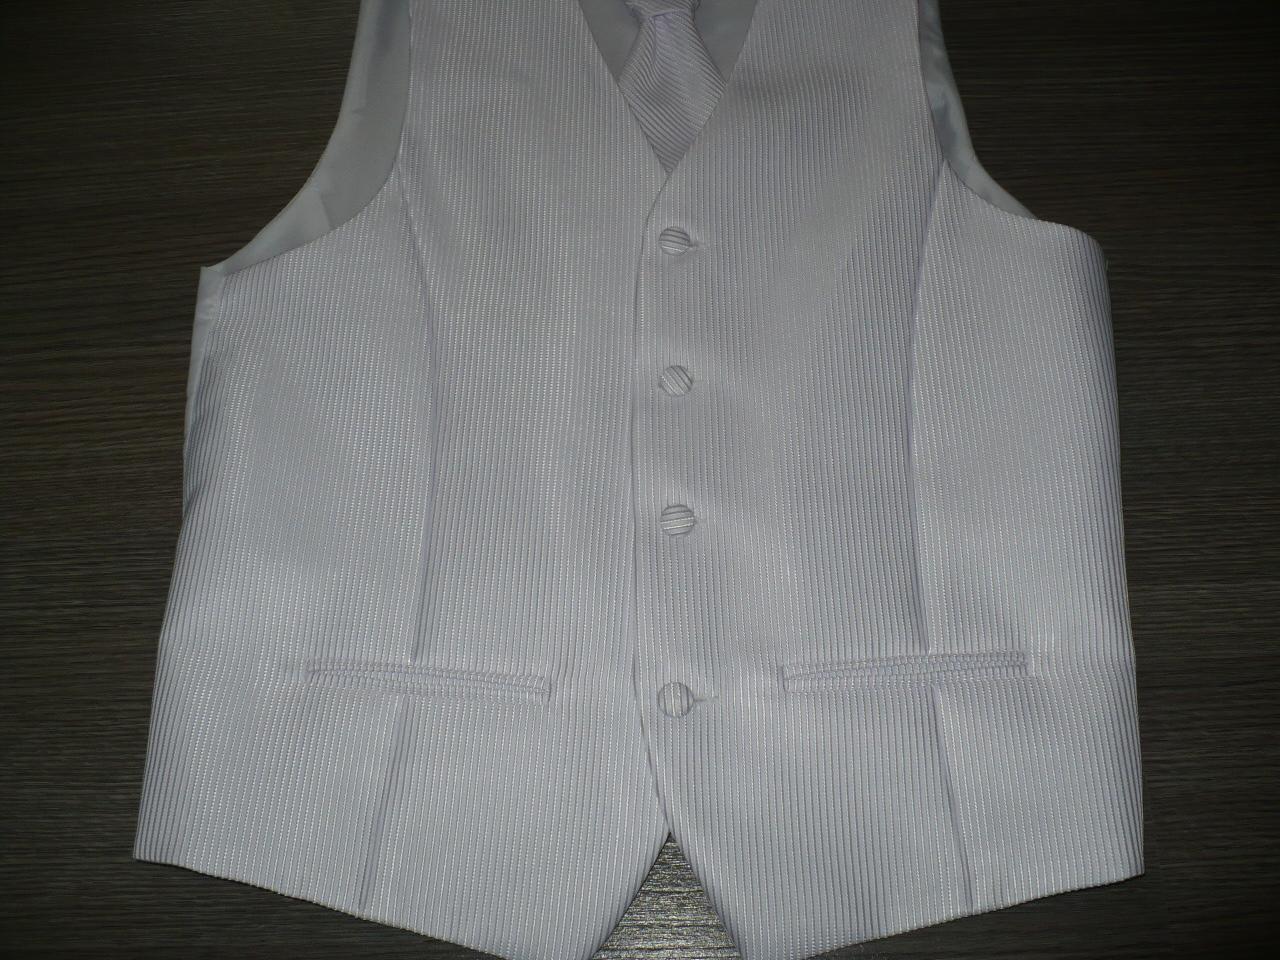 Pánska vesta s francúzskou kravatou - Obrázok č. 2